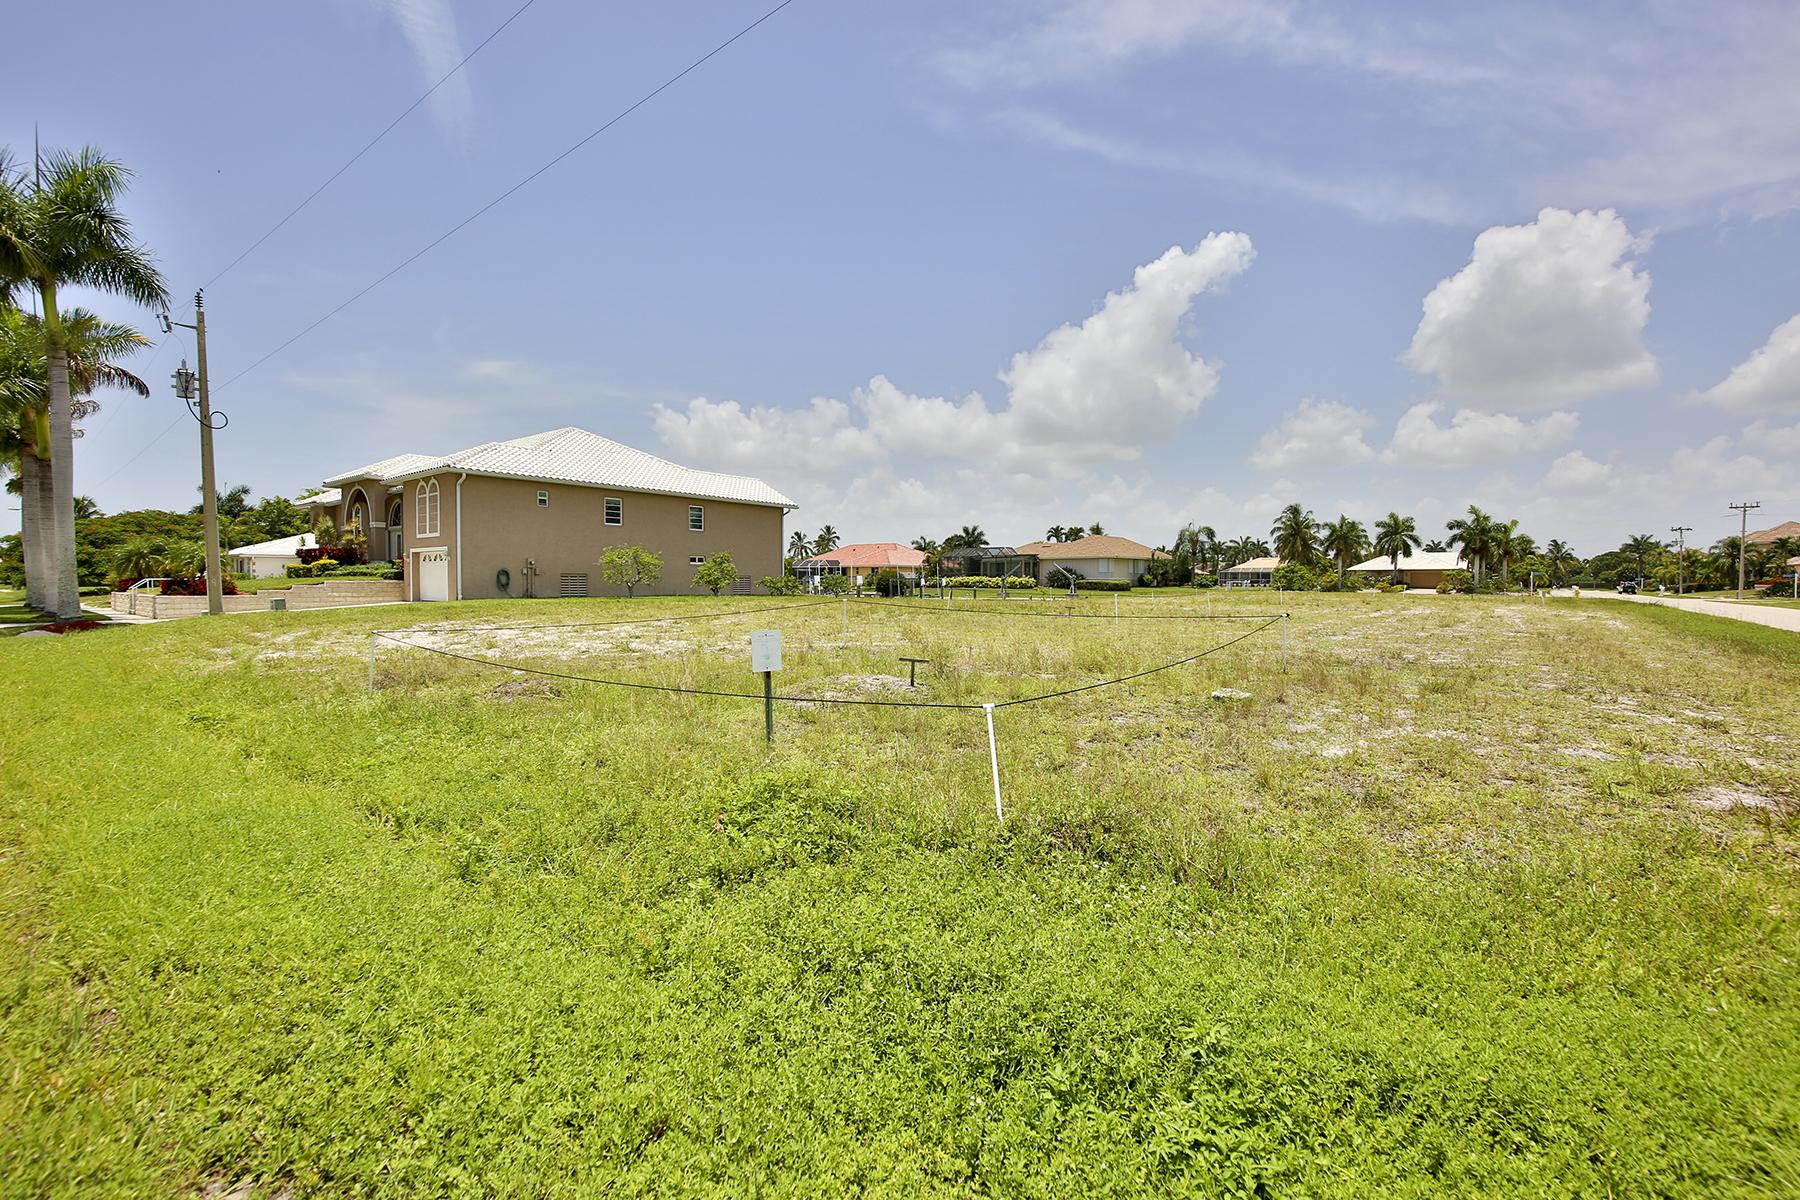 토지 용 매매 에 MARCO ISLAND - GRAPEWOOD COURT 305 Grapewood Ct Marco Island, 플로리다 34145 미국